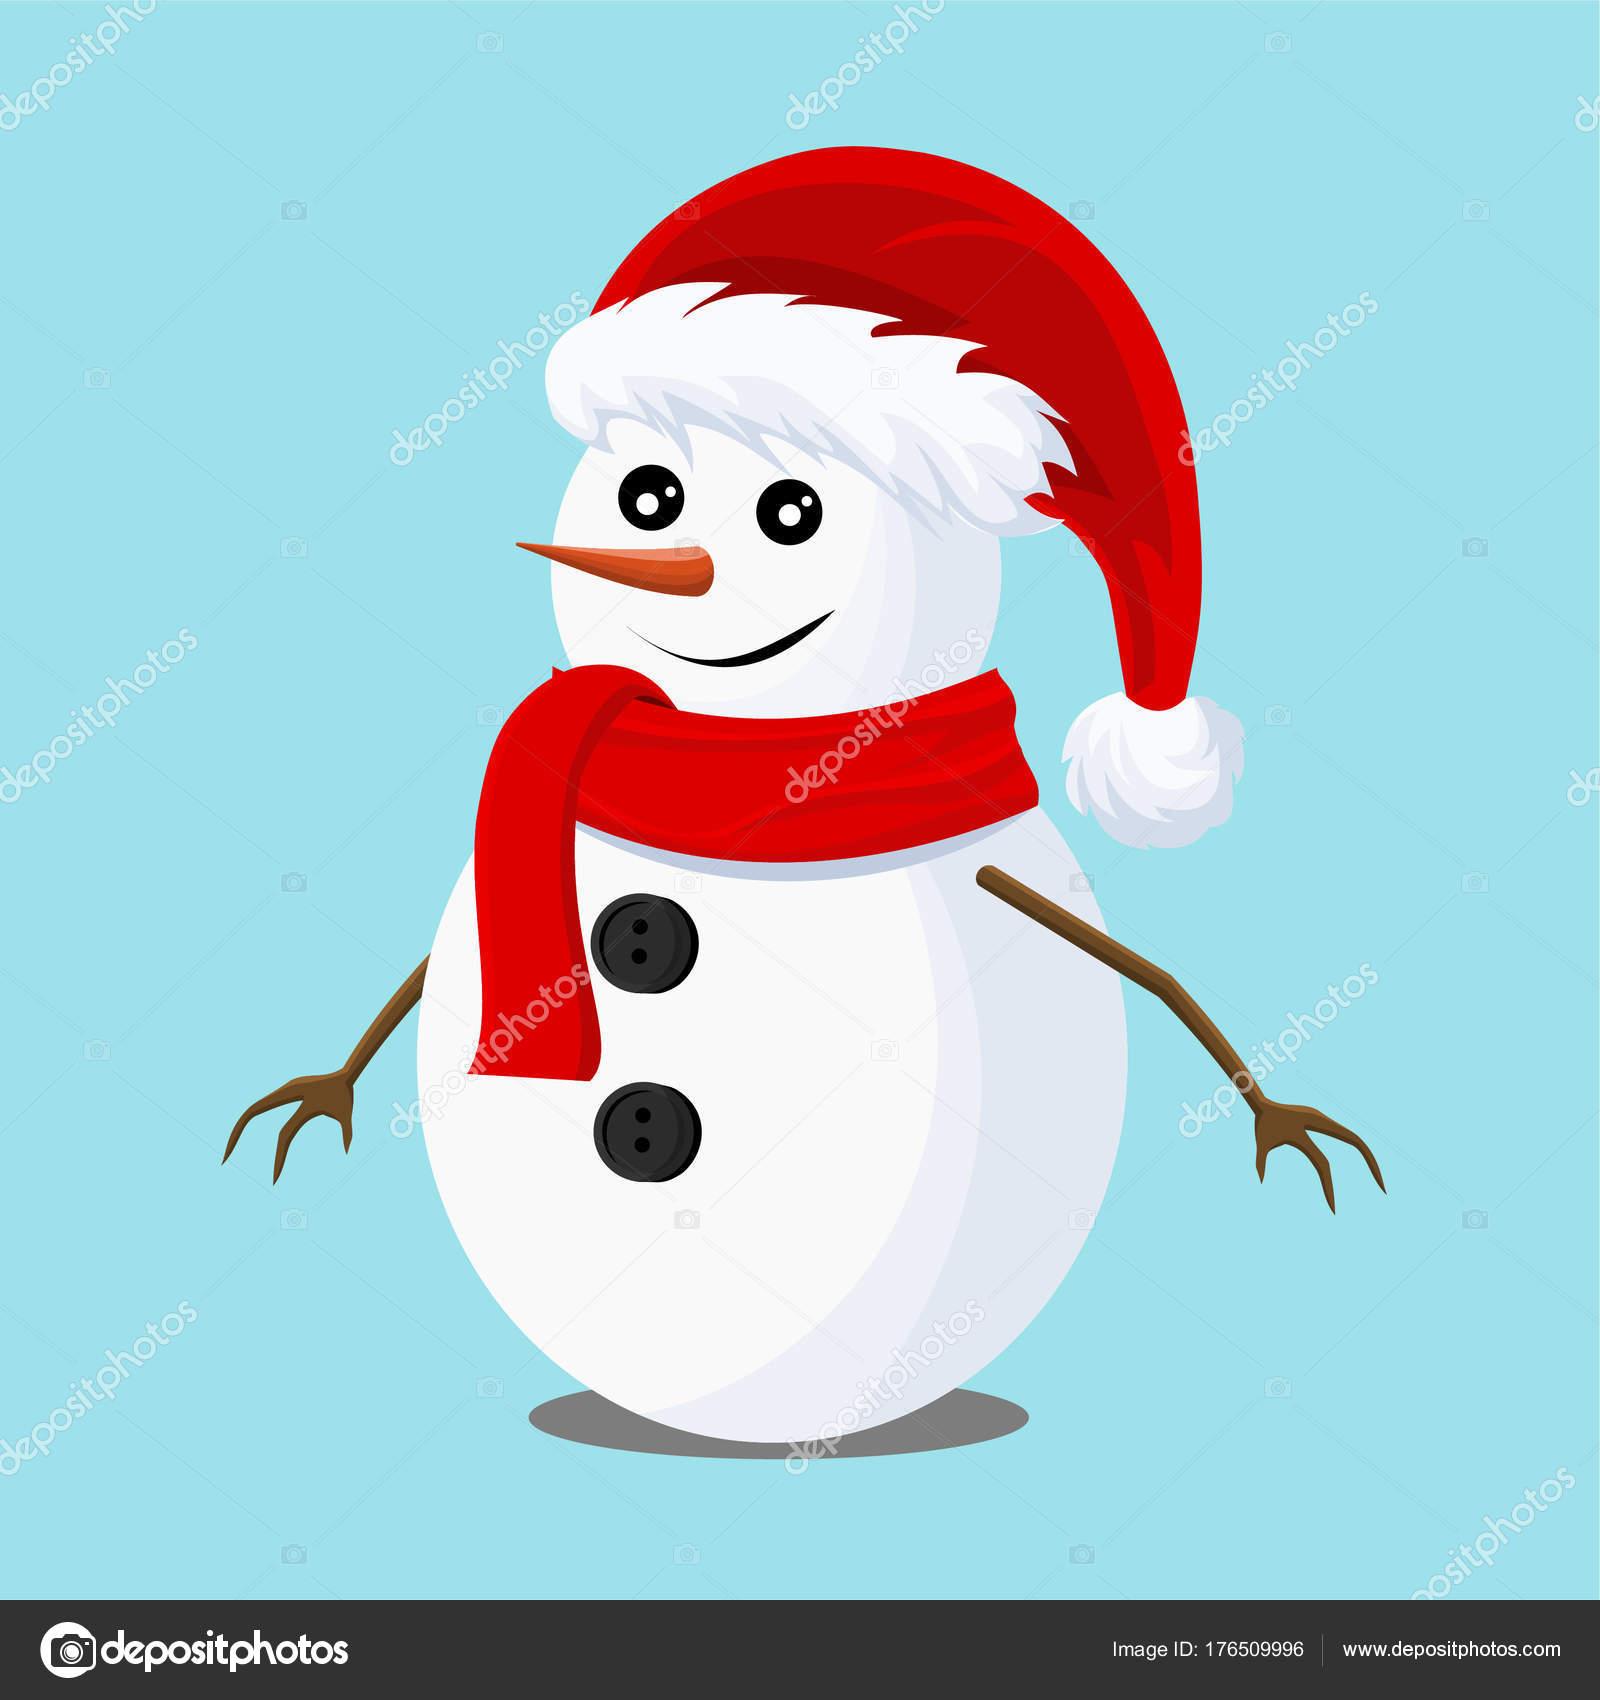 Cartolina di Natale con un pupazzo di neve con cappello di Babbo Natale.  Cartolina di Natale faf72b213529